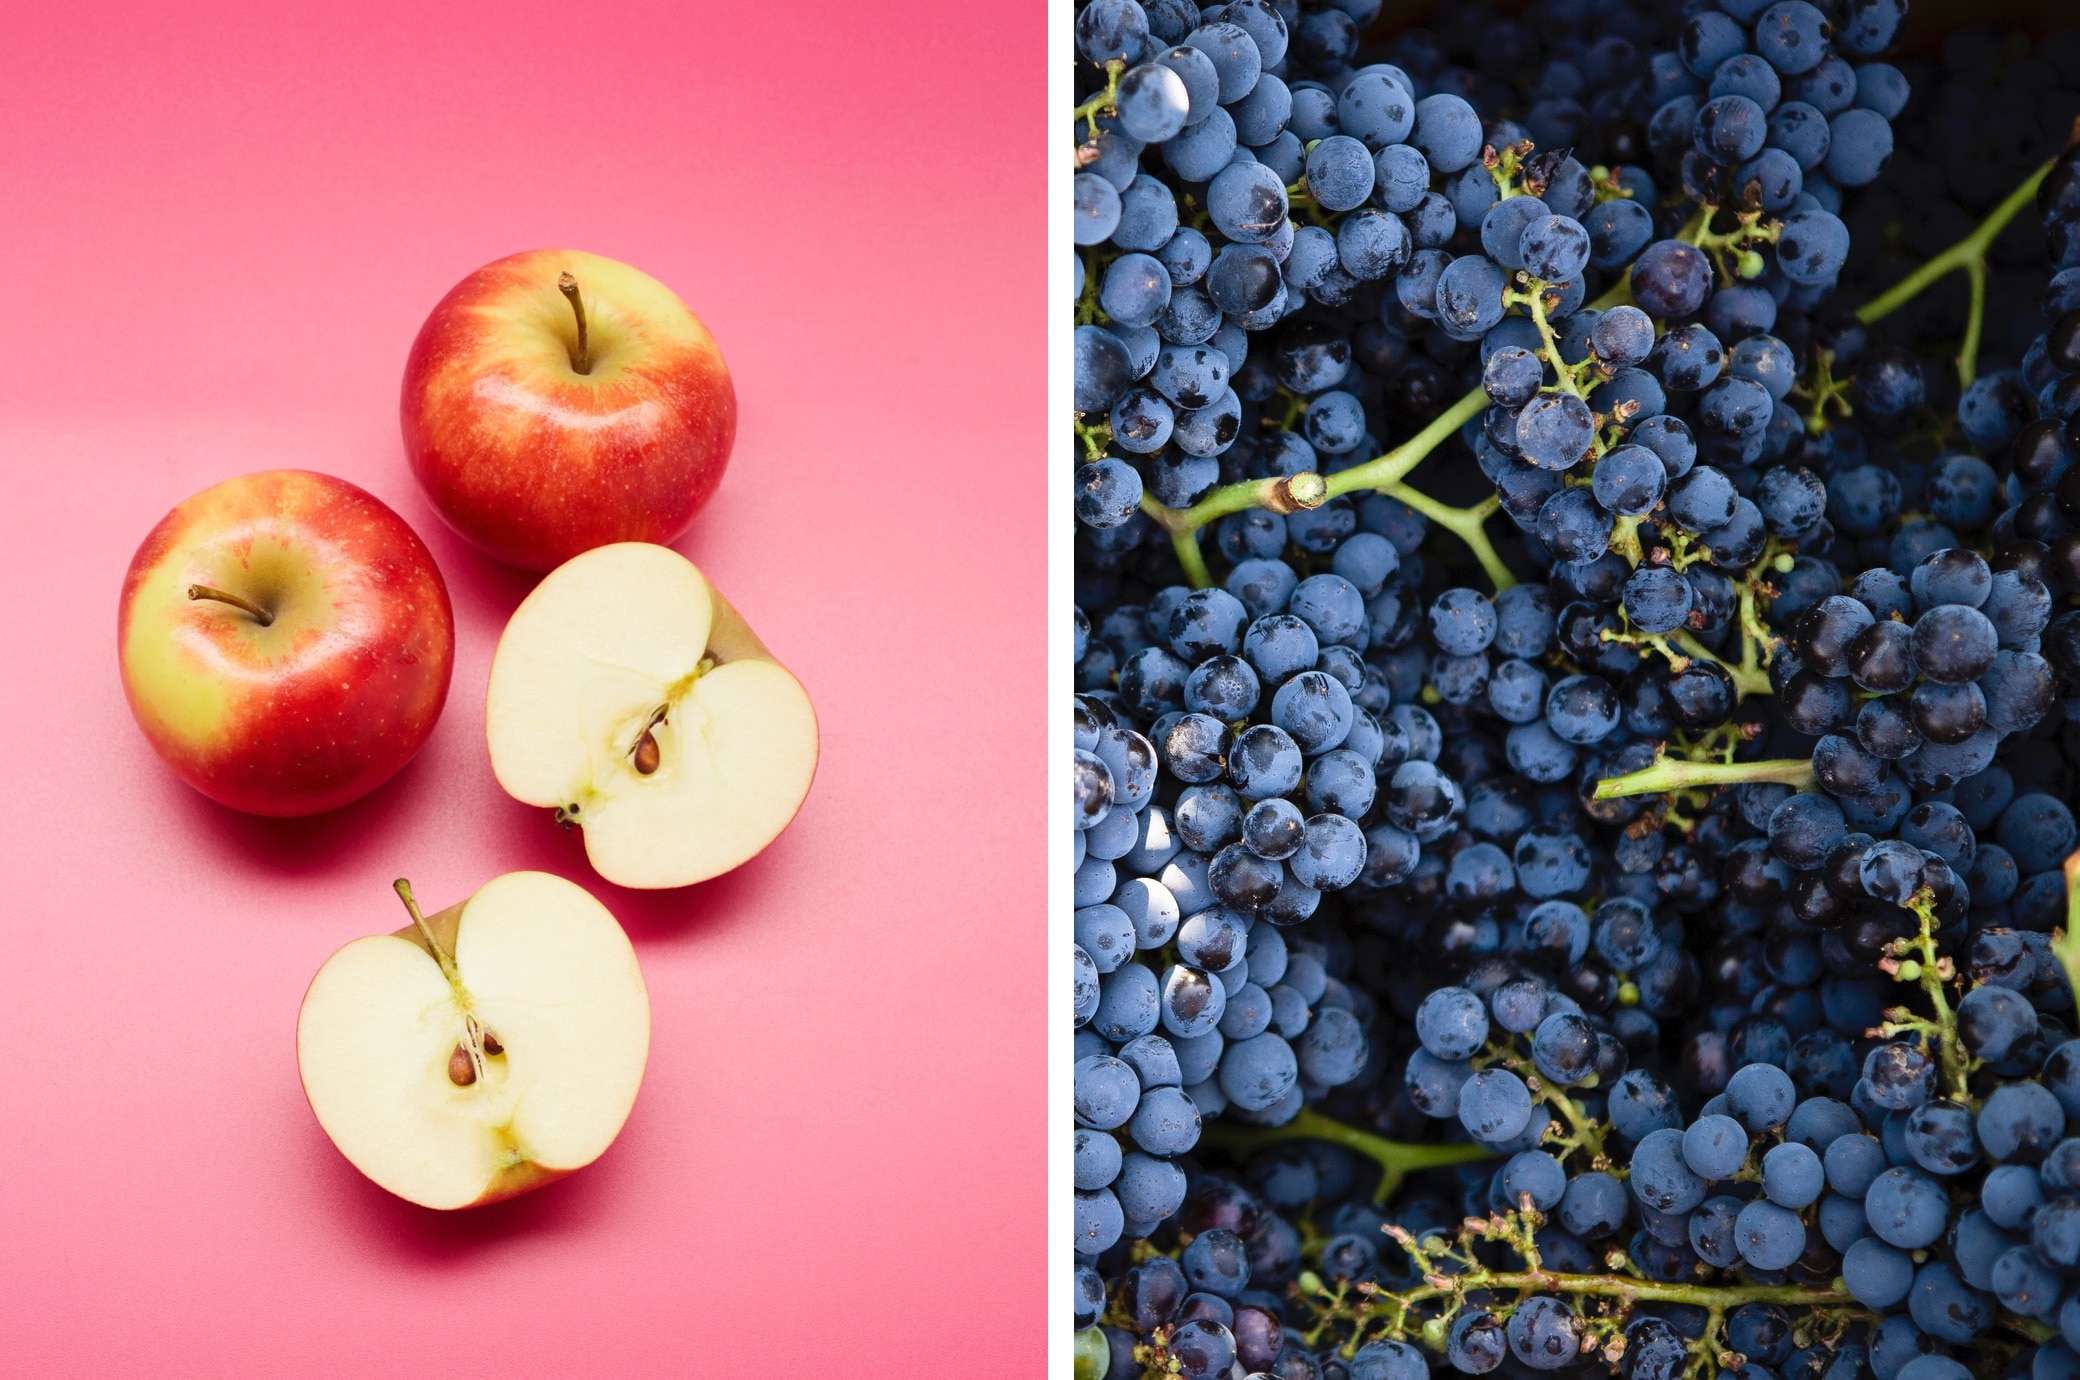 Wer diese Lebensmittel kombiniert, isst besonders gesund